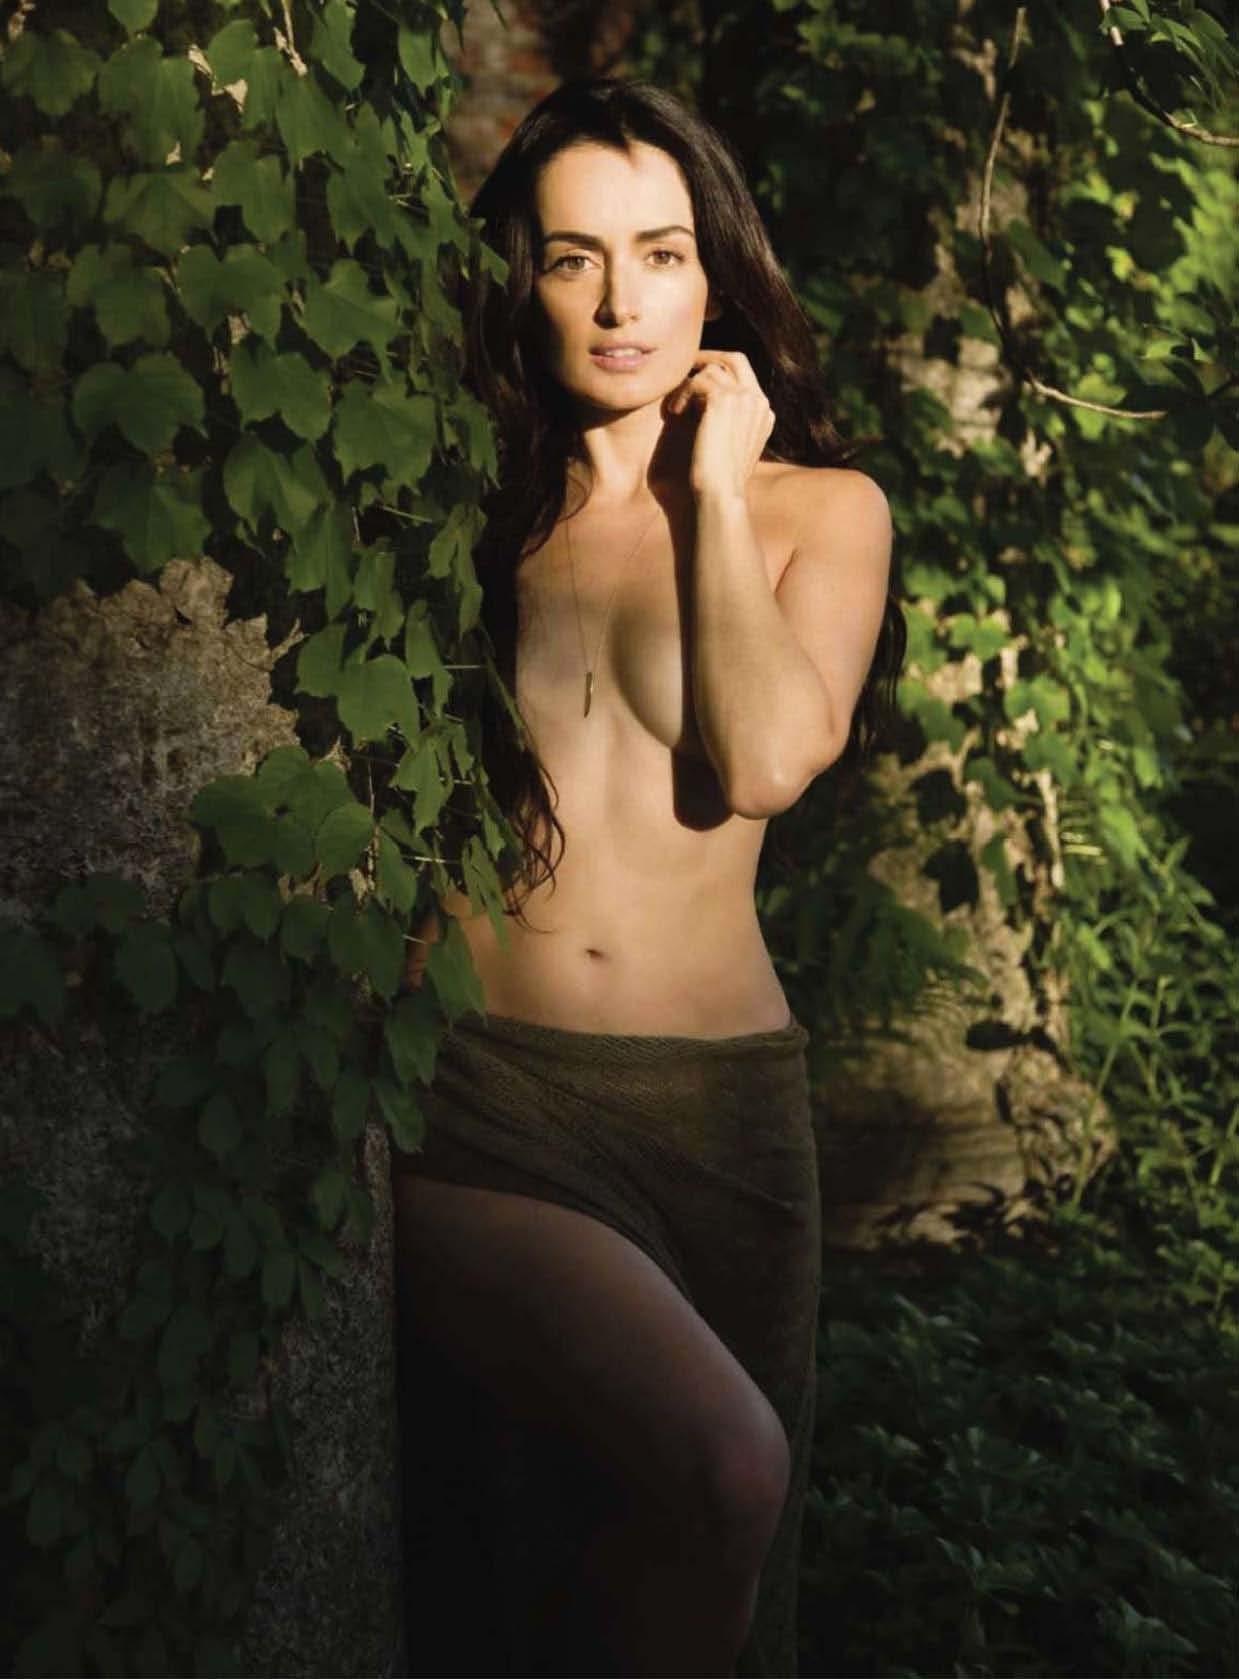 Ana De La Reguera Porn esquire - pics of ana de la reguera in esquire